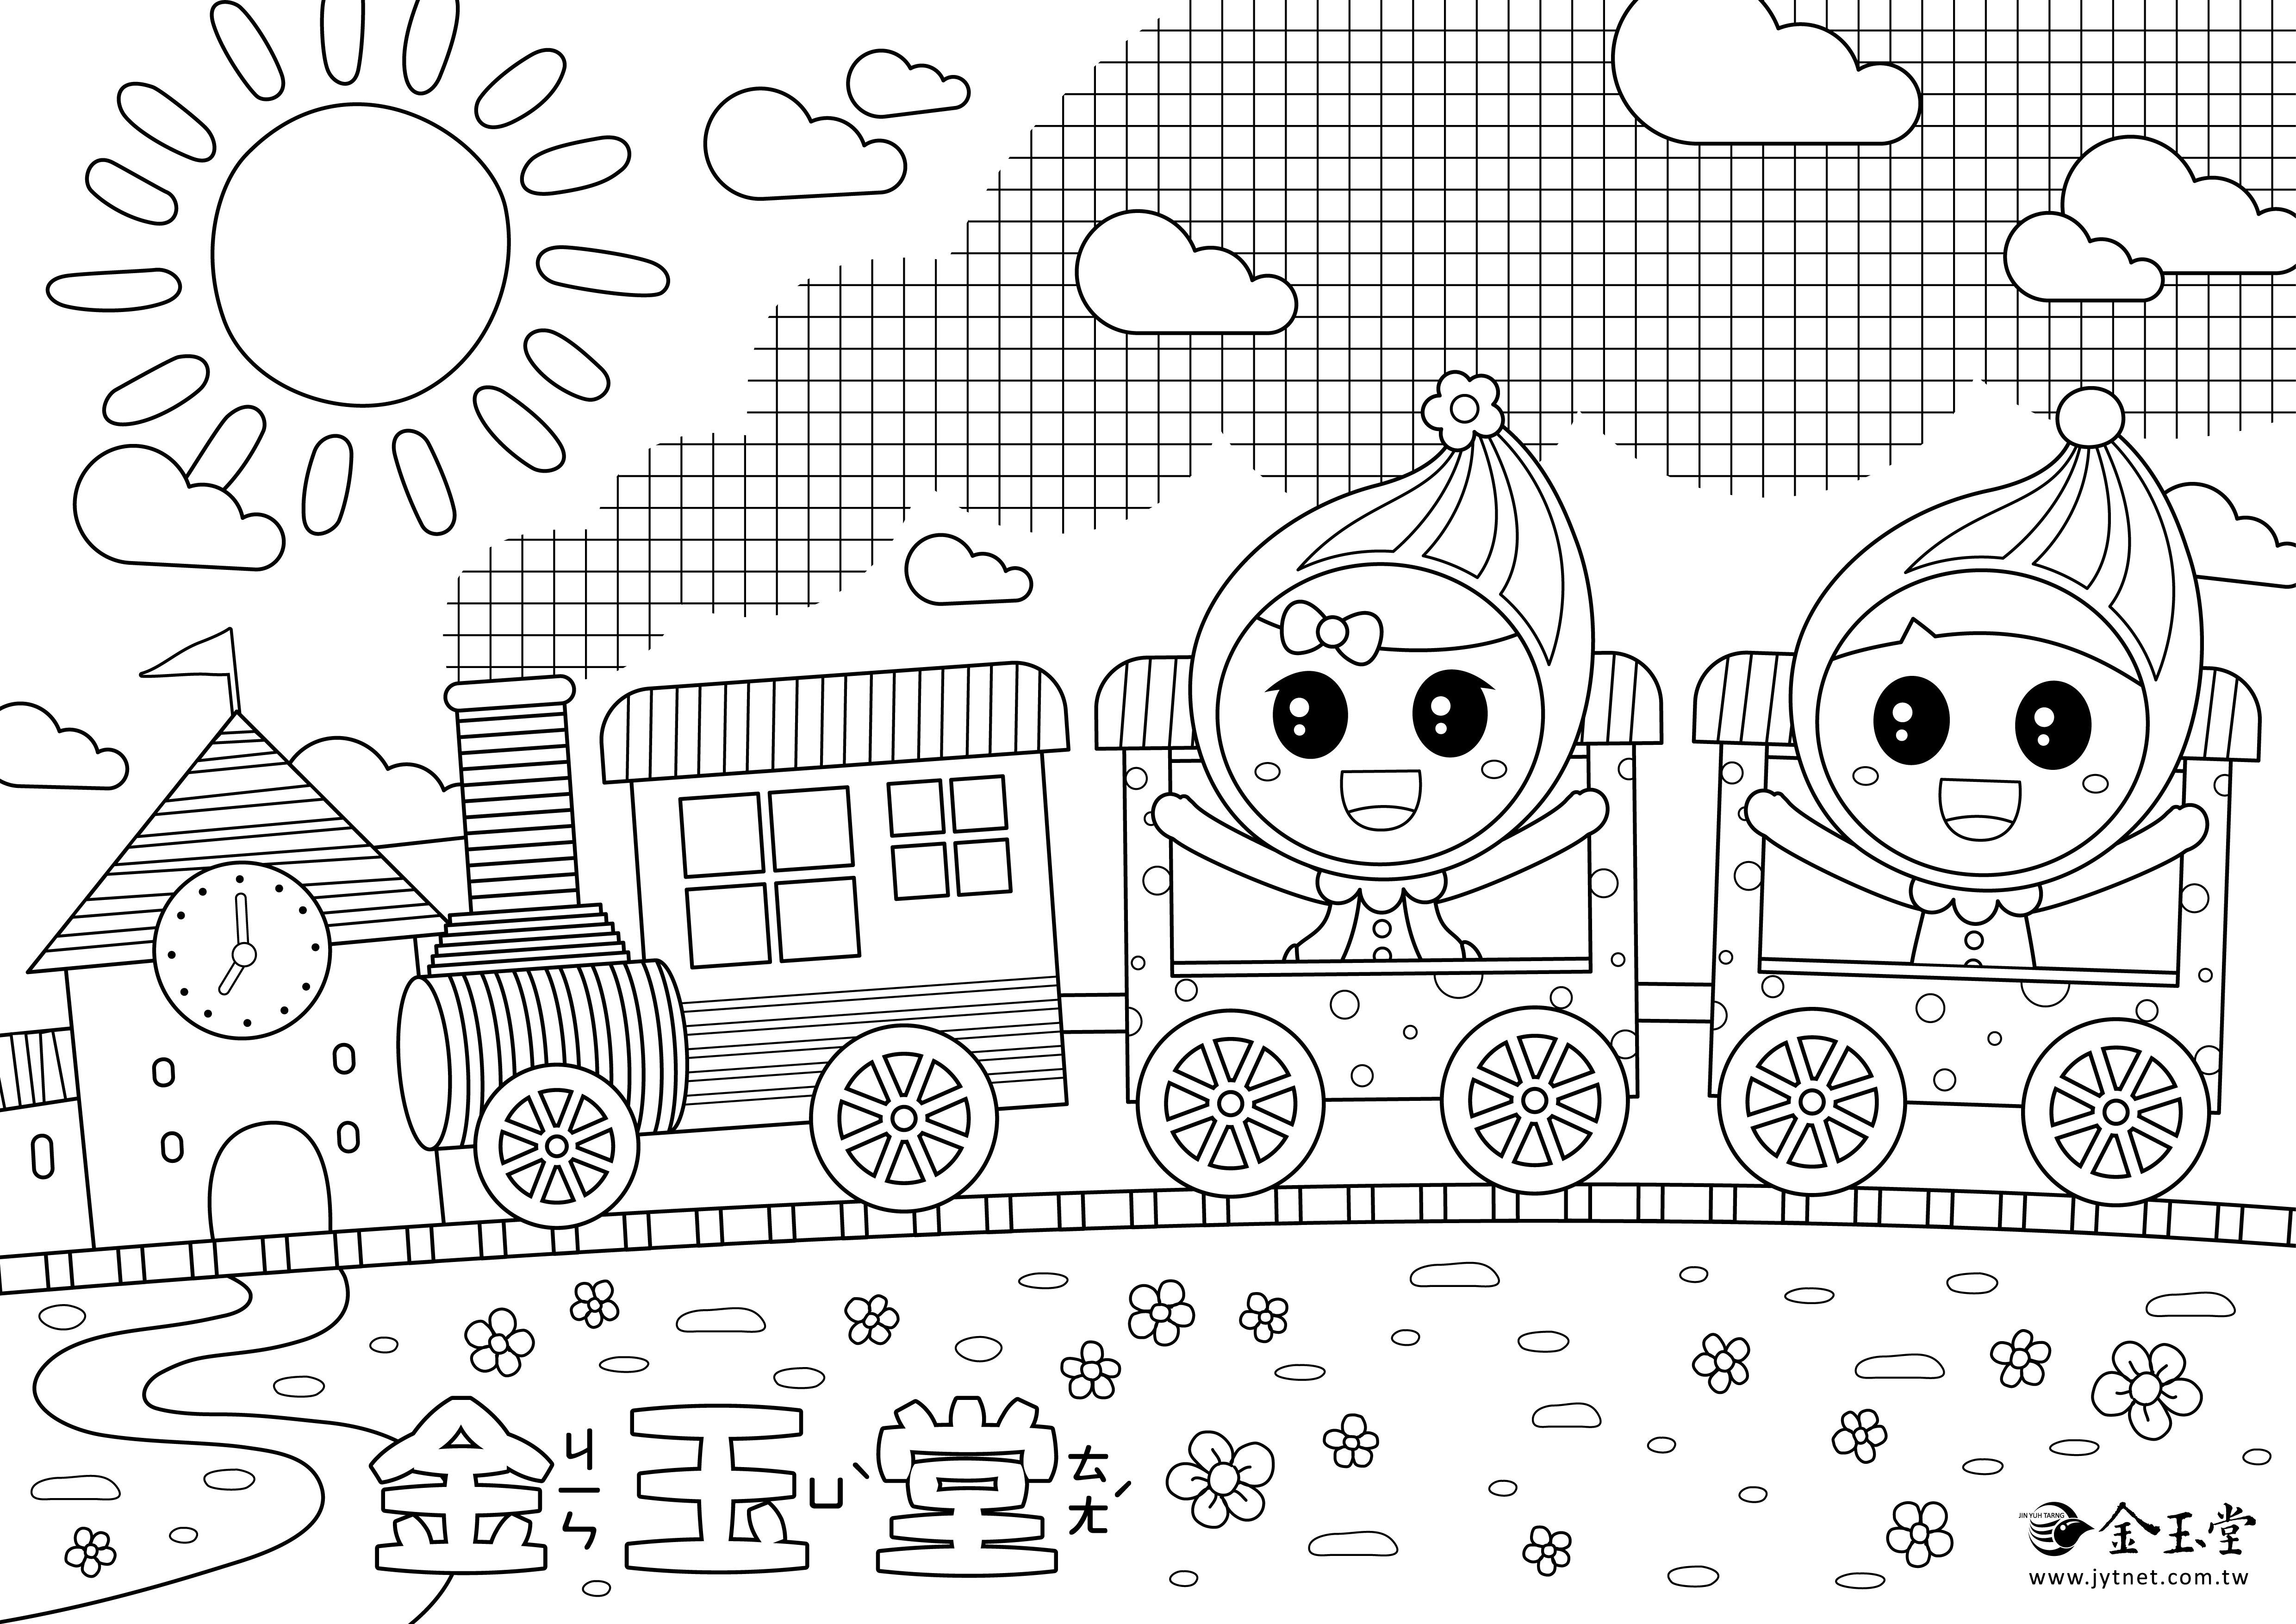 金玉堂大頭金&小愛玉著色圖稿(開學篇)